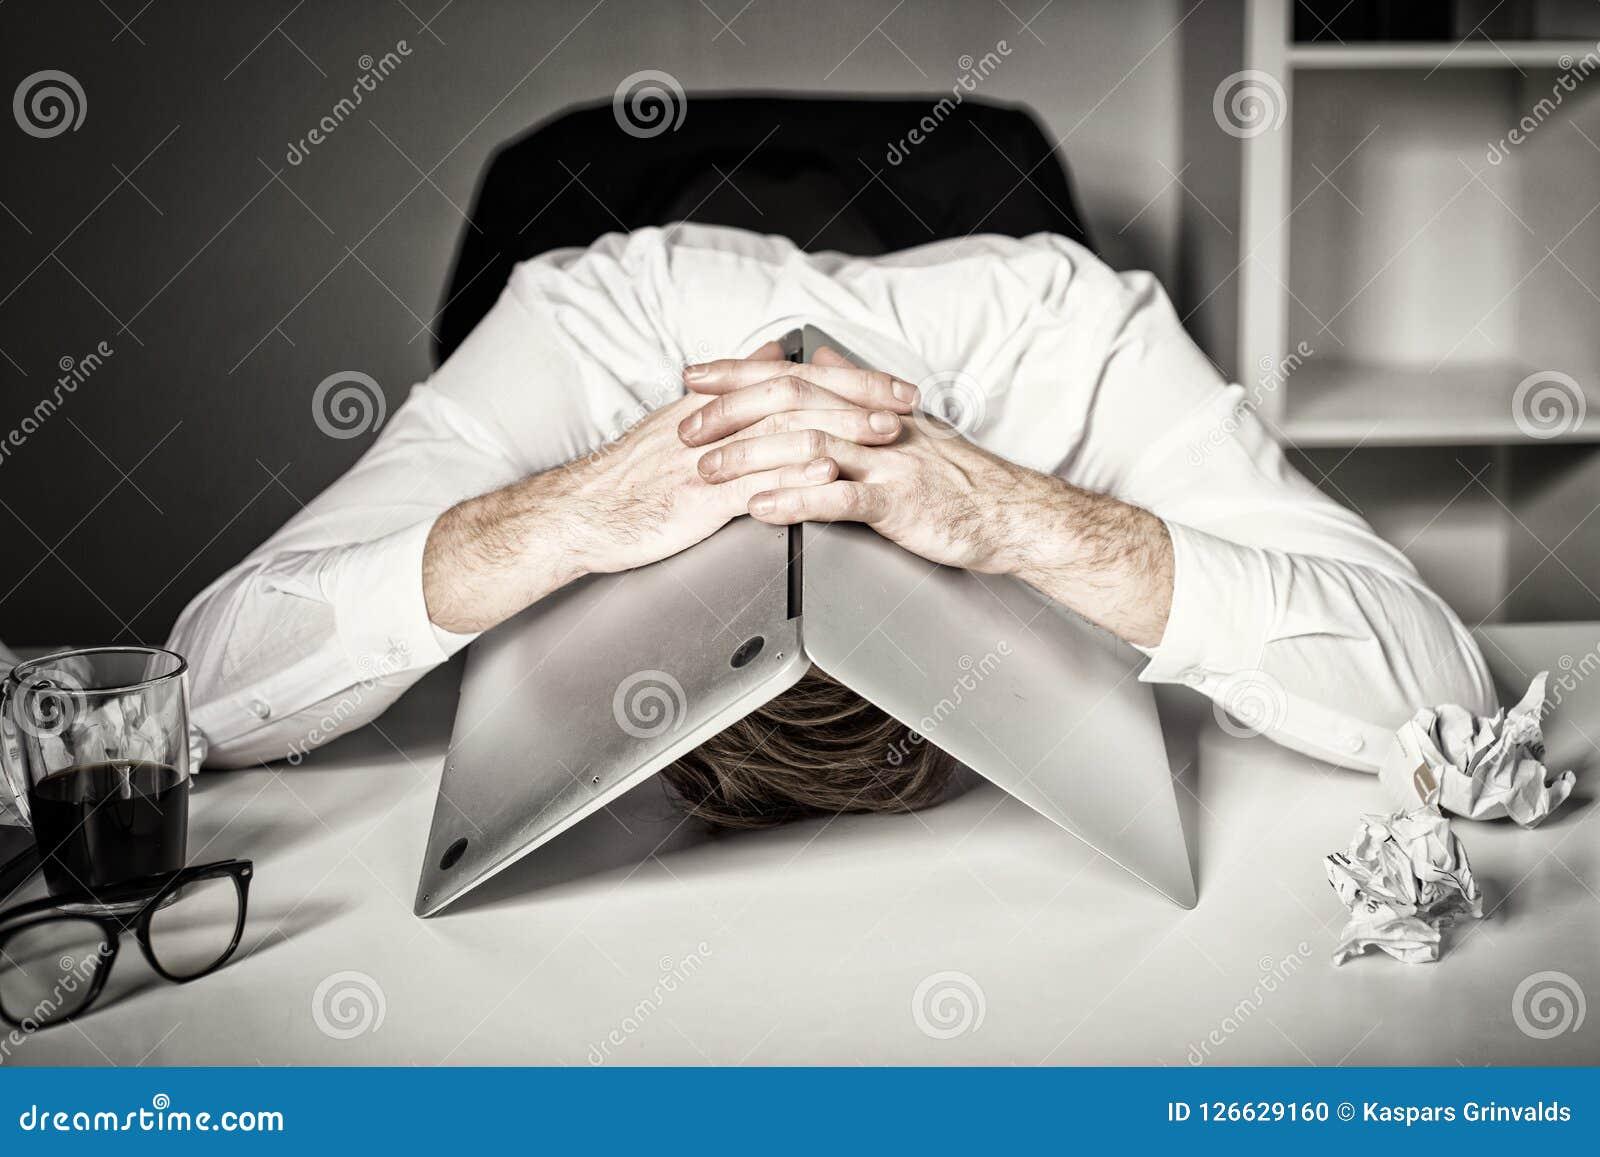 Burnout und Ausfall bei der Arbeit